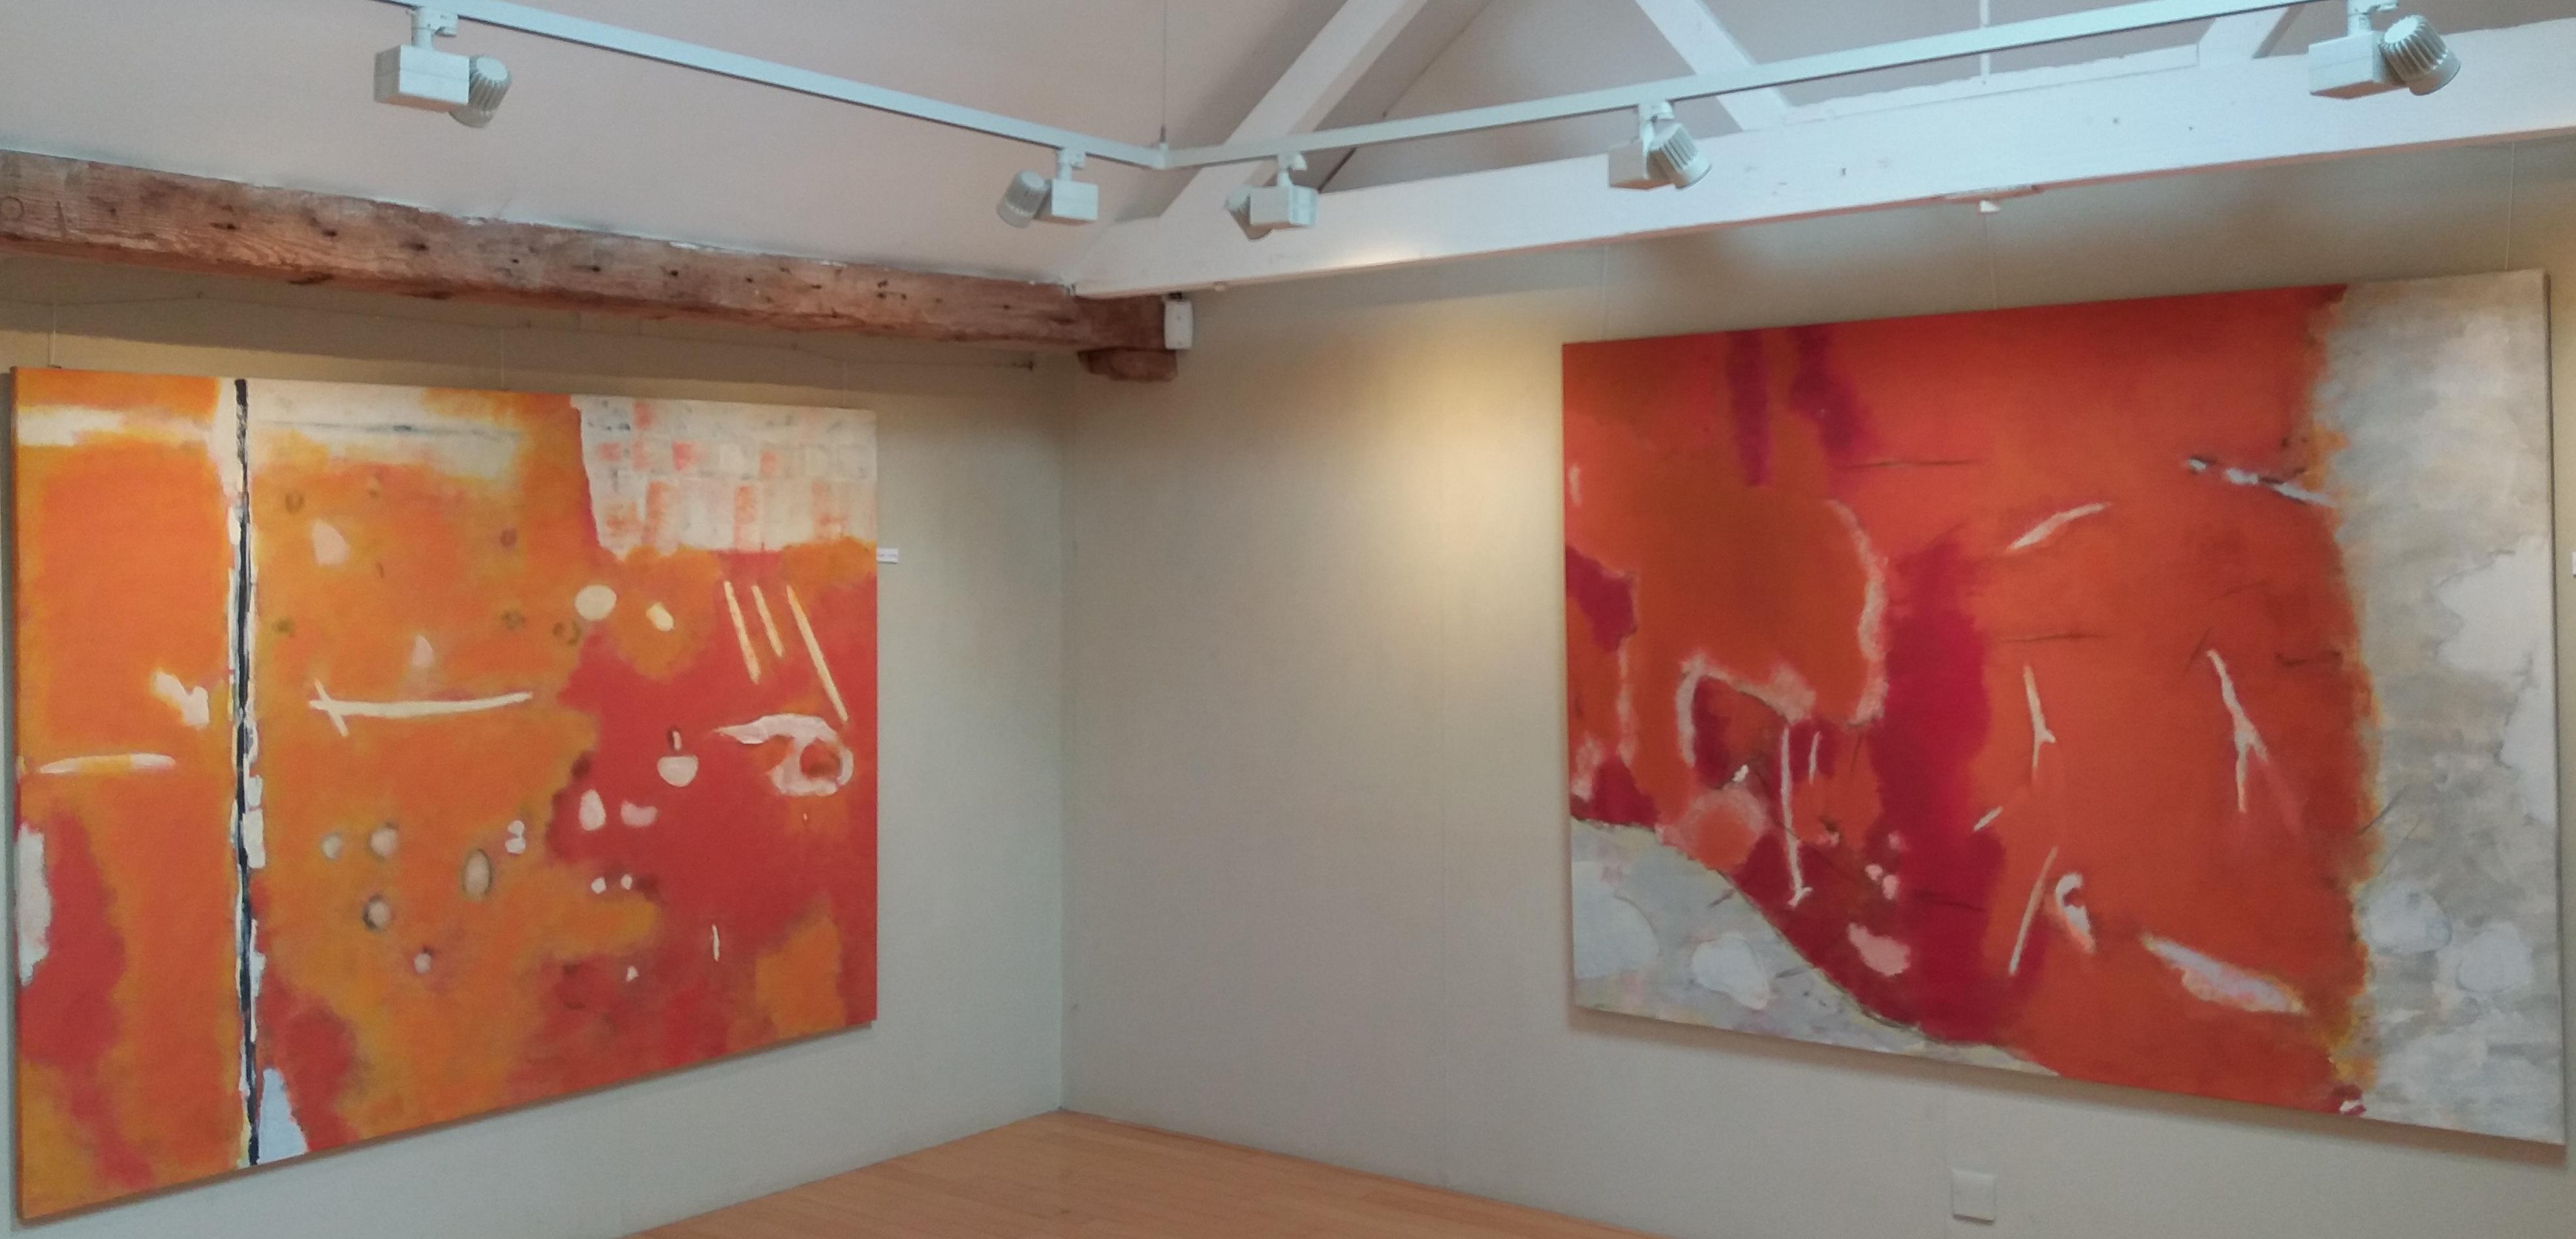 Solo Wingfield Arts Centre